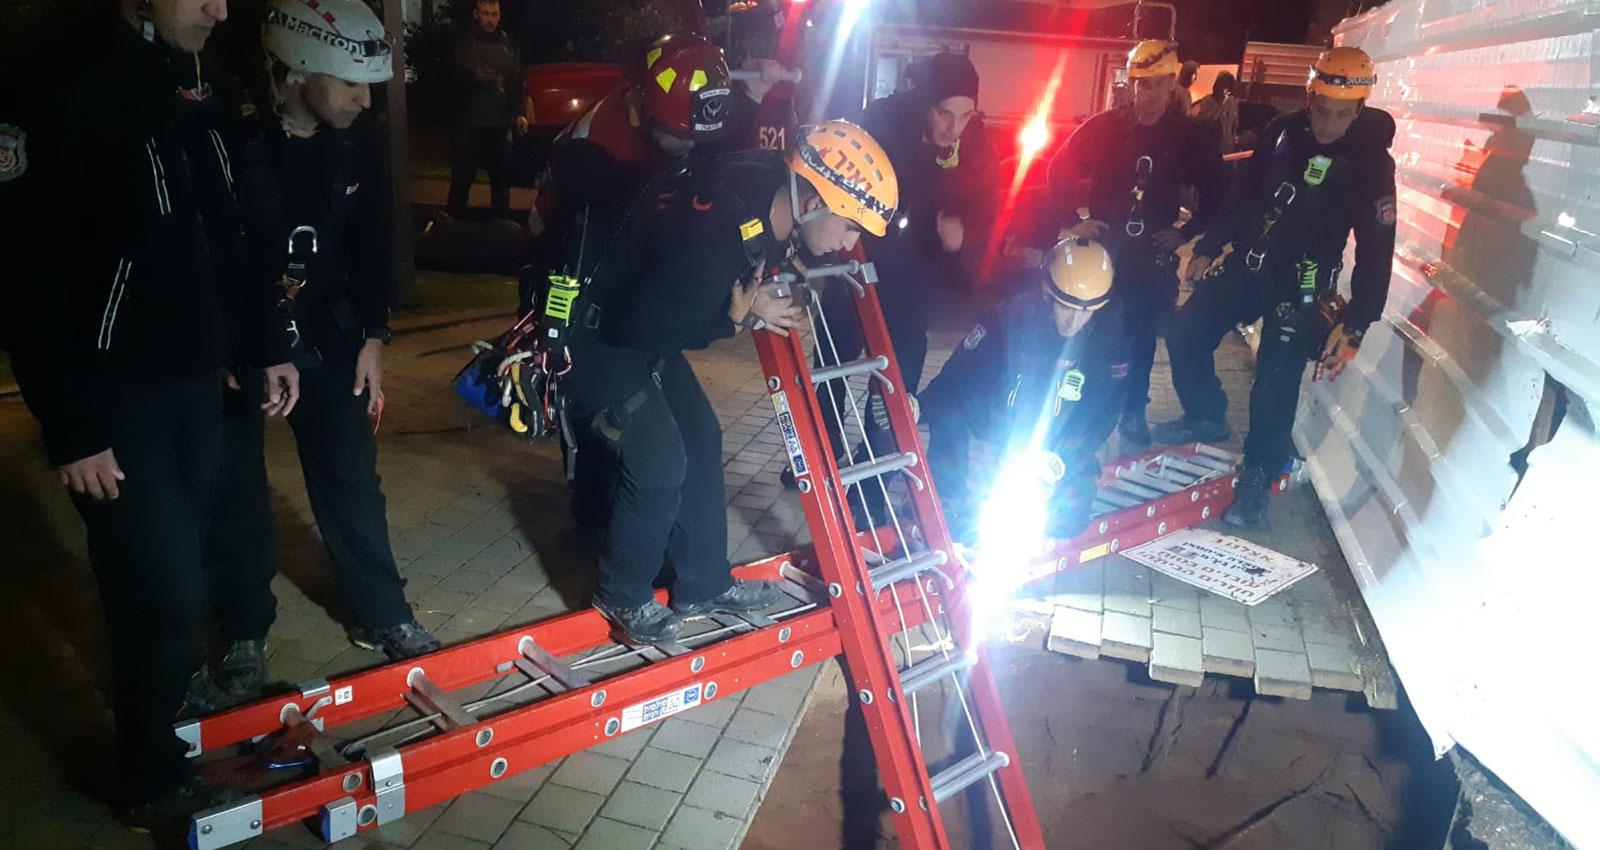 בתמונה: חילוץ הנער מתוך הבור. צילום: באדיבות כיבוי אש הרצליה